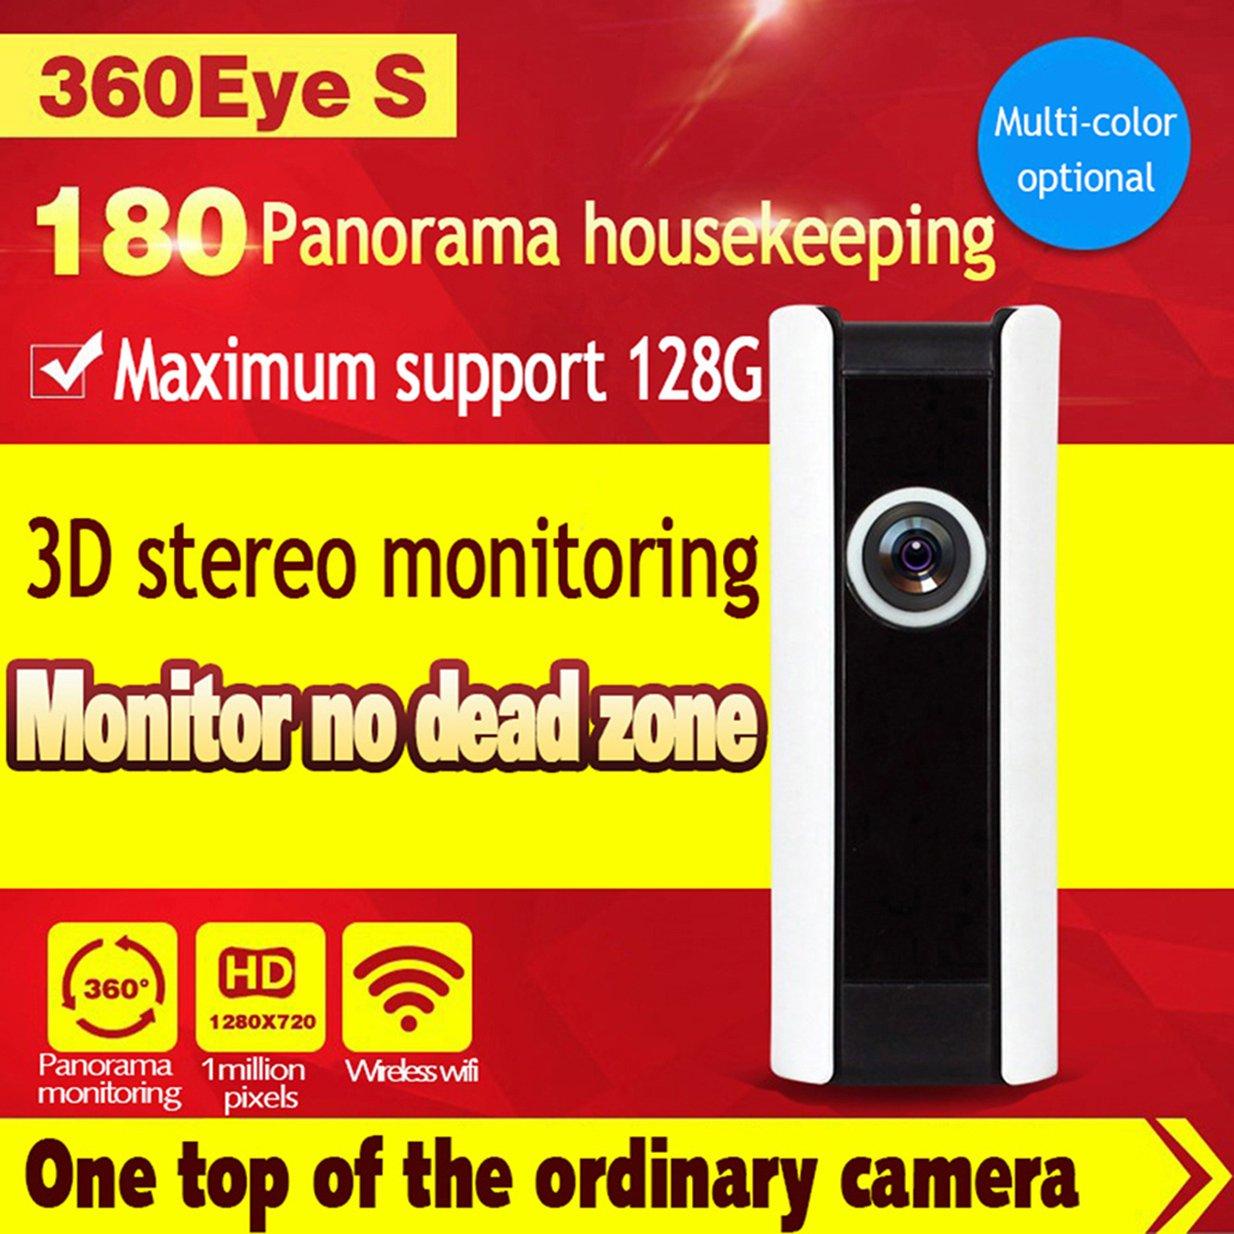 DongAshley IP Cámara De Vigilancia Video De Alarma Sistemas De Seguridad Para El Hogar Cámara Inalámbrica Detección De Movimiento Vision Nocturna Mando A ...